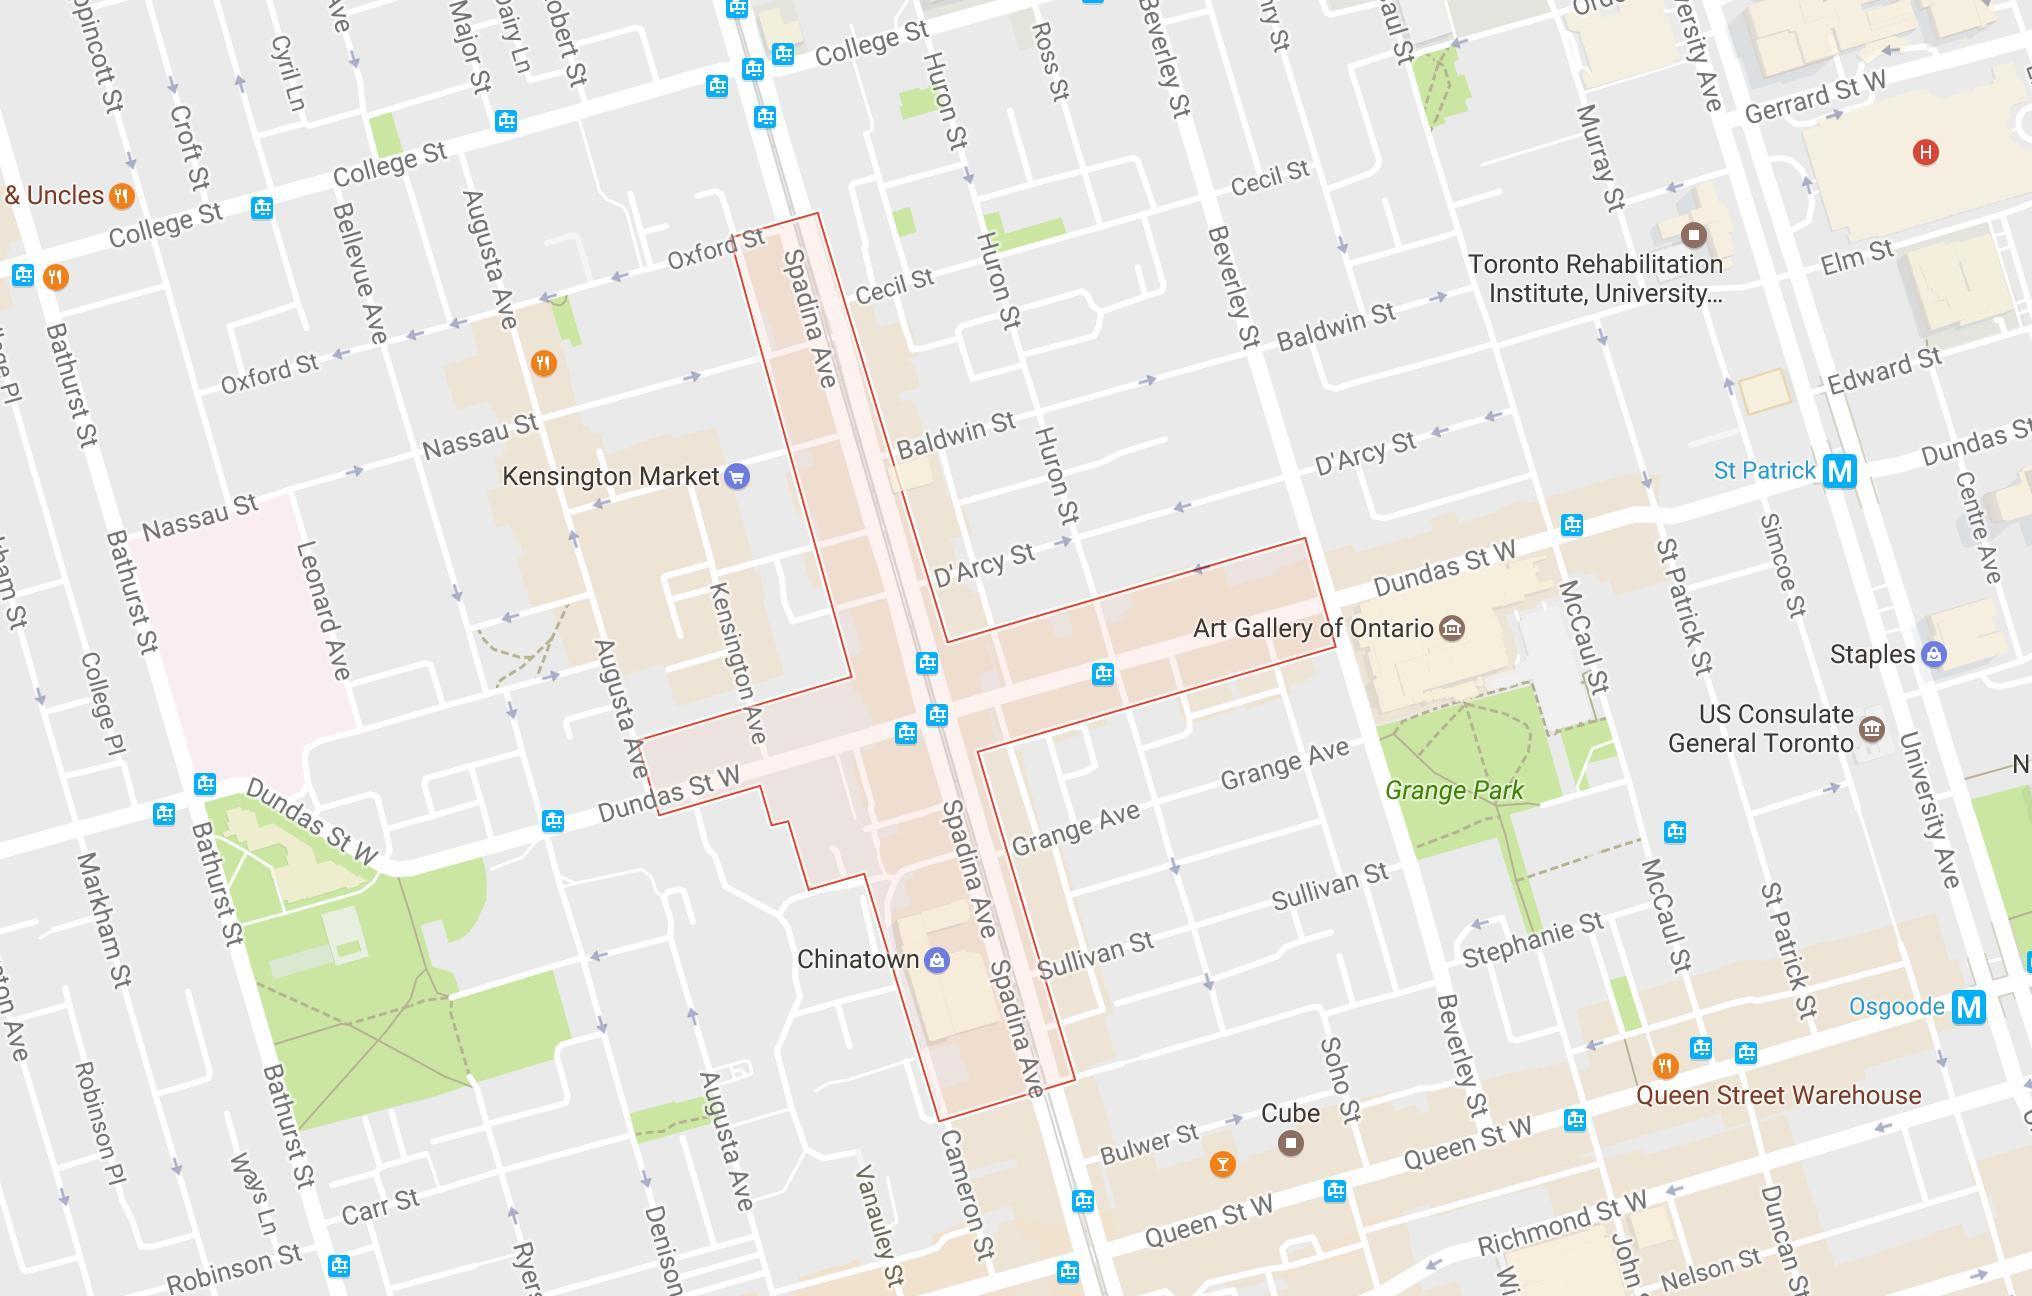 toronto kart Chinatown Toronto kart   Toronto chinatown kart (Canada) toronto kart